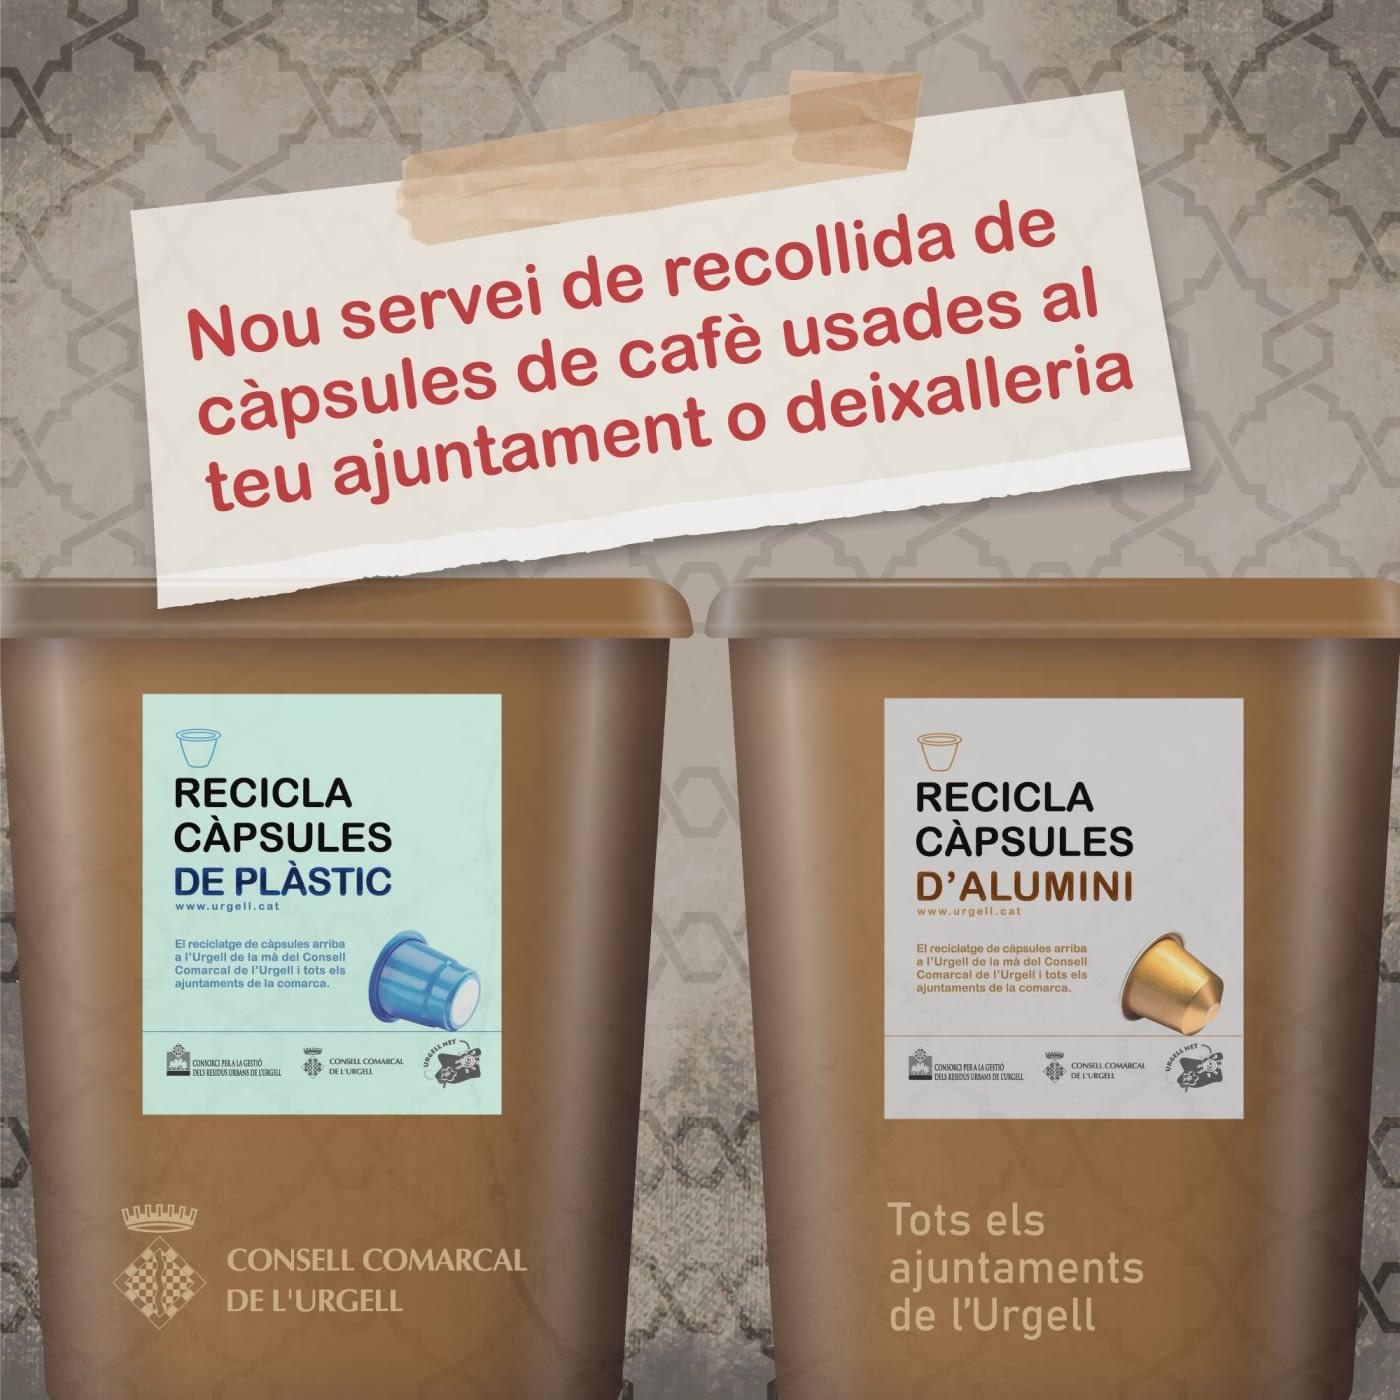 A partir d'ara, les càpsules de cafè usades es reciclen al teu ajuntament o deixalleria!